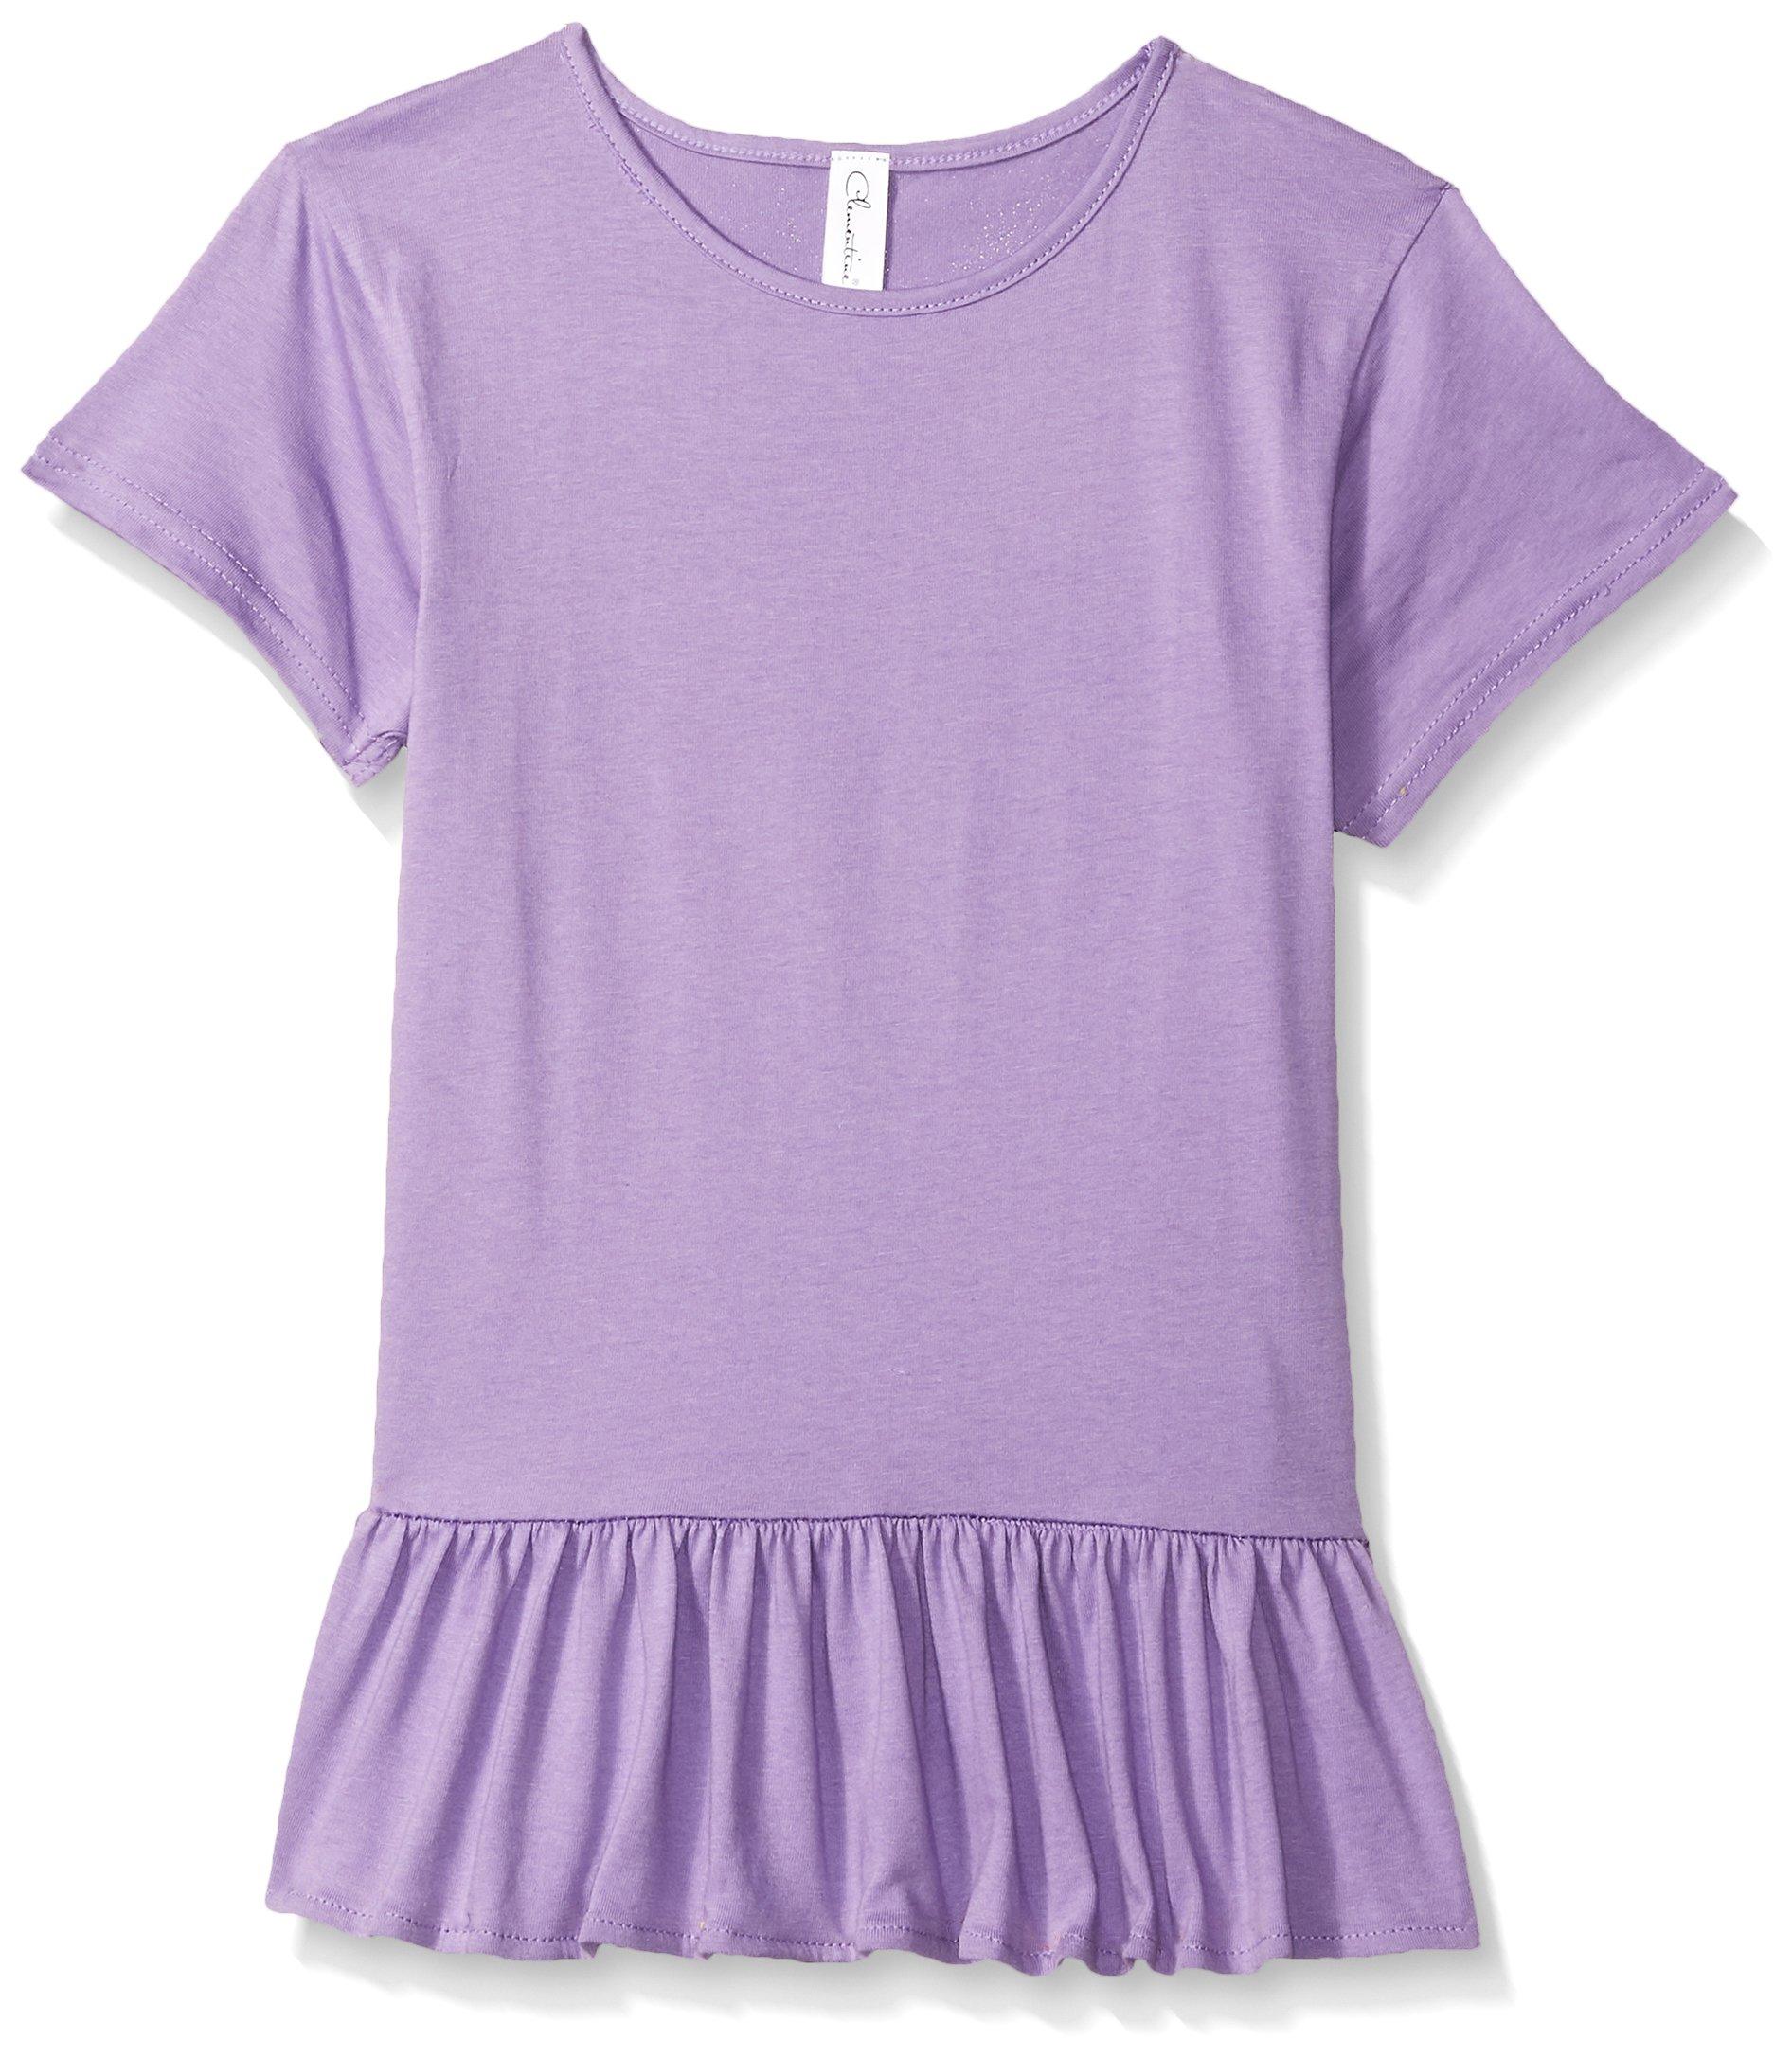 Clementine Little Girls' Ruffle Fine Jersey T-Shirt Dress, Lavender, S